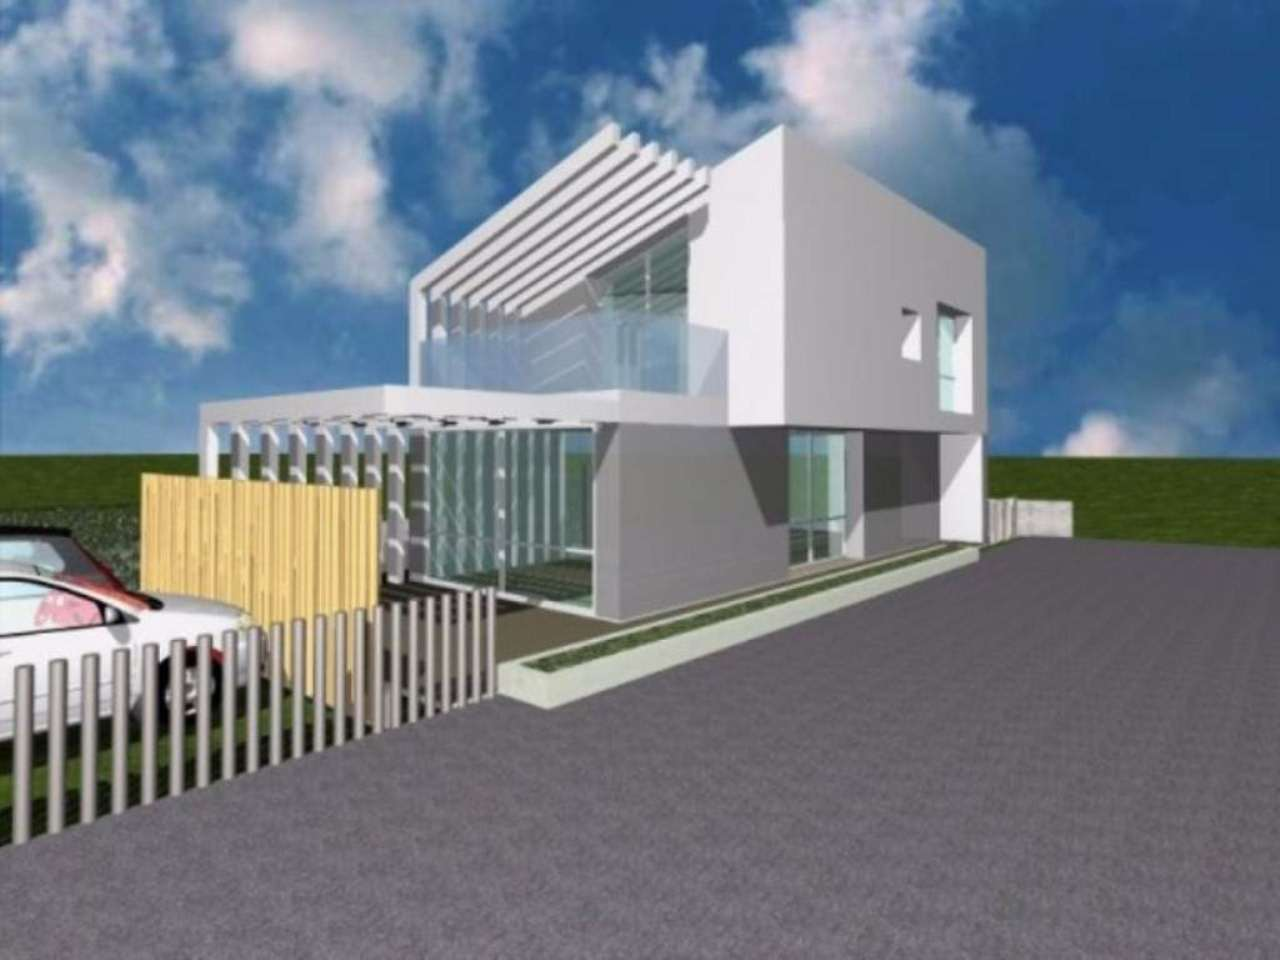 Villa in vendita a Mira, 5 locali, prezzo € 50.000 | CambioCasa.it